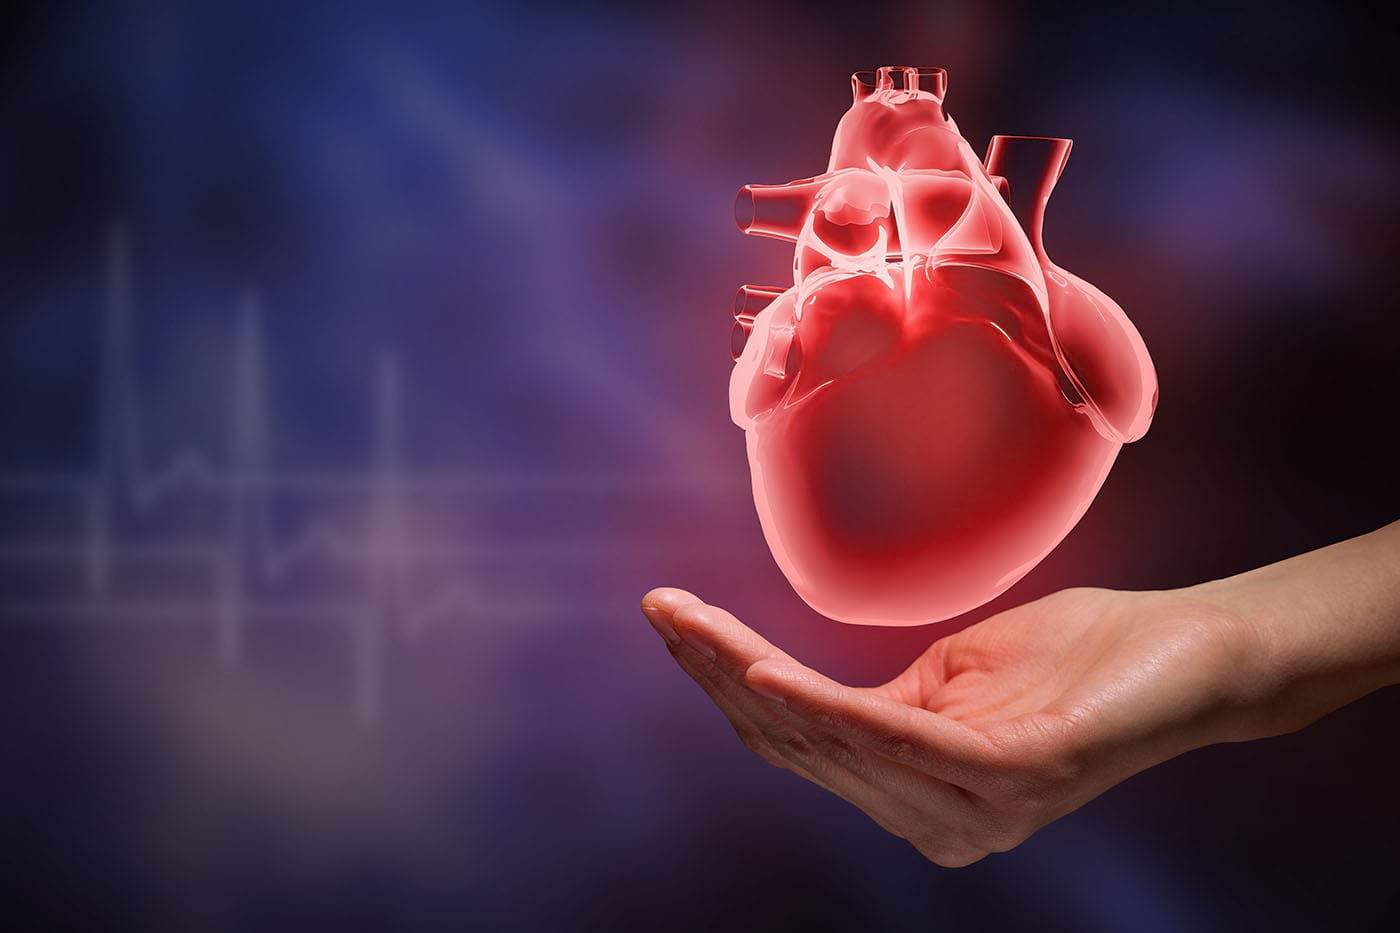 Menținerea sănătății cardiovasculare stimulează și sănătatea oculară [studiu]